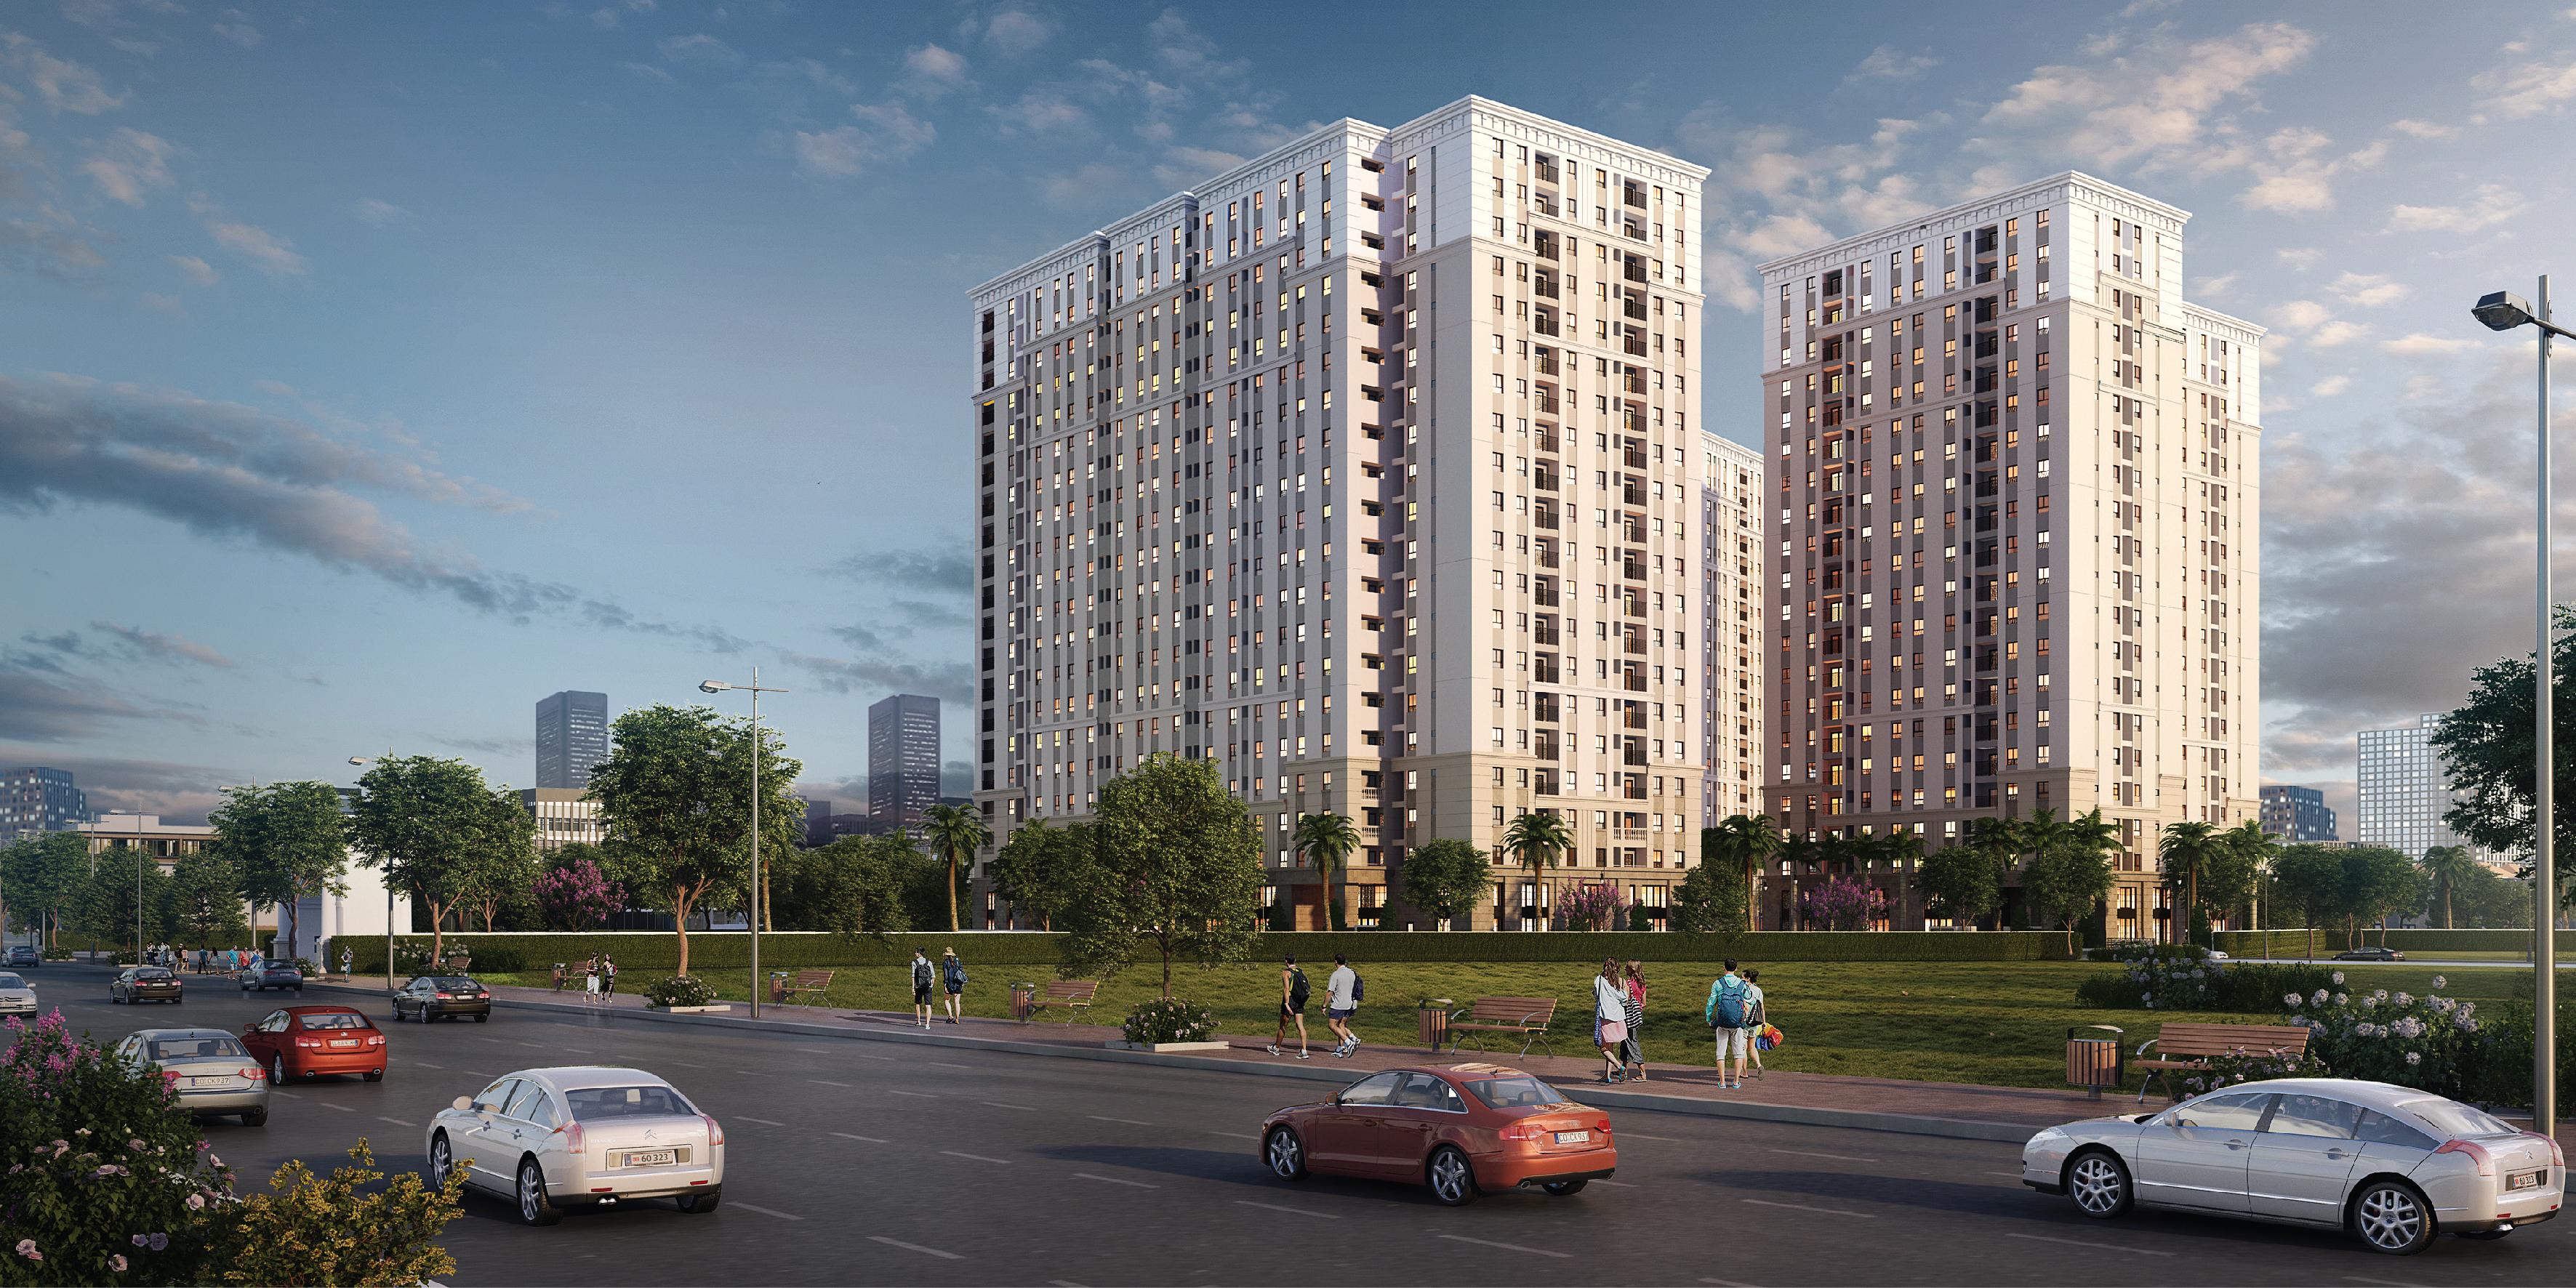 Những căn hộ chung cư có giá trên dưới 1 tỷ đồng ở quận Bình Tân